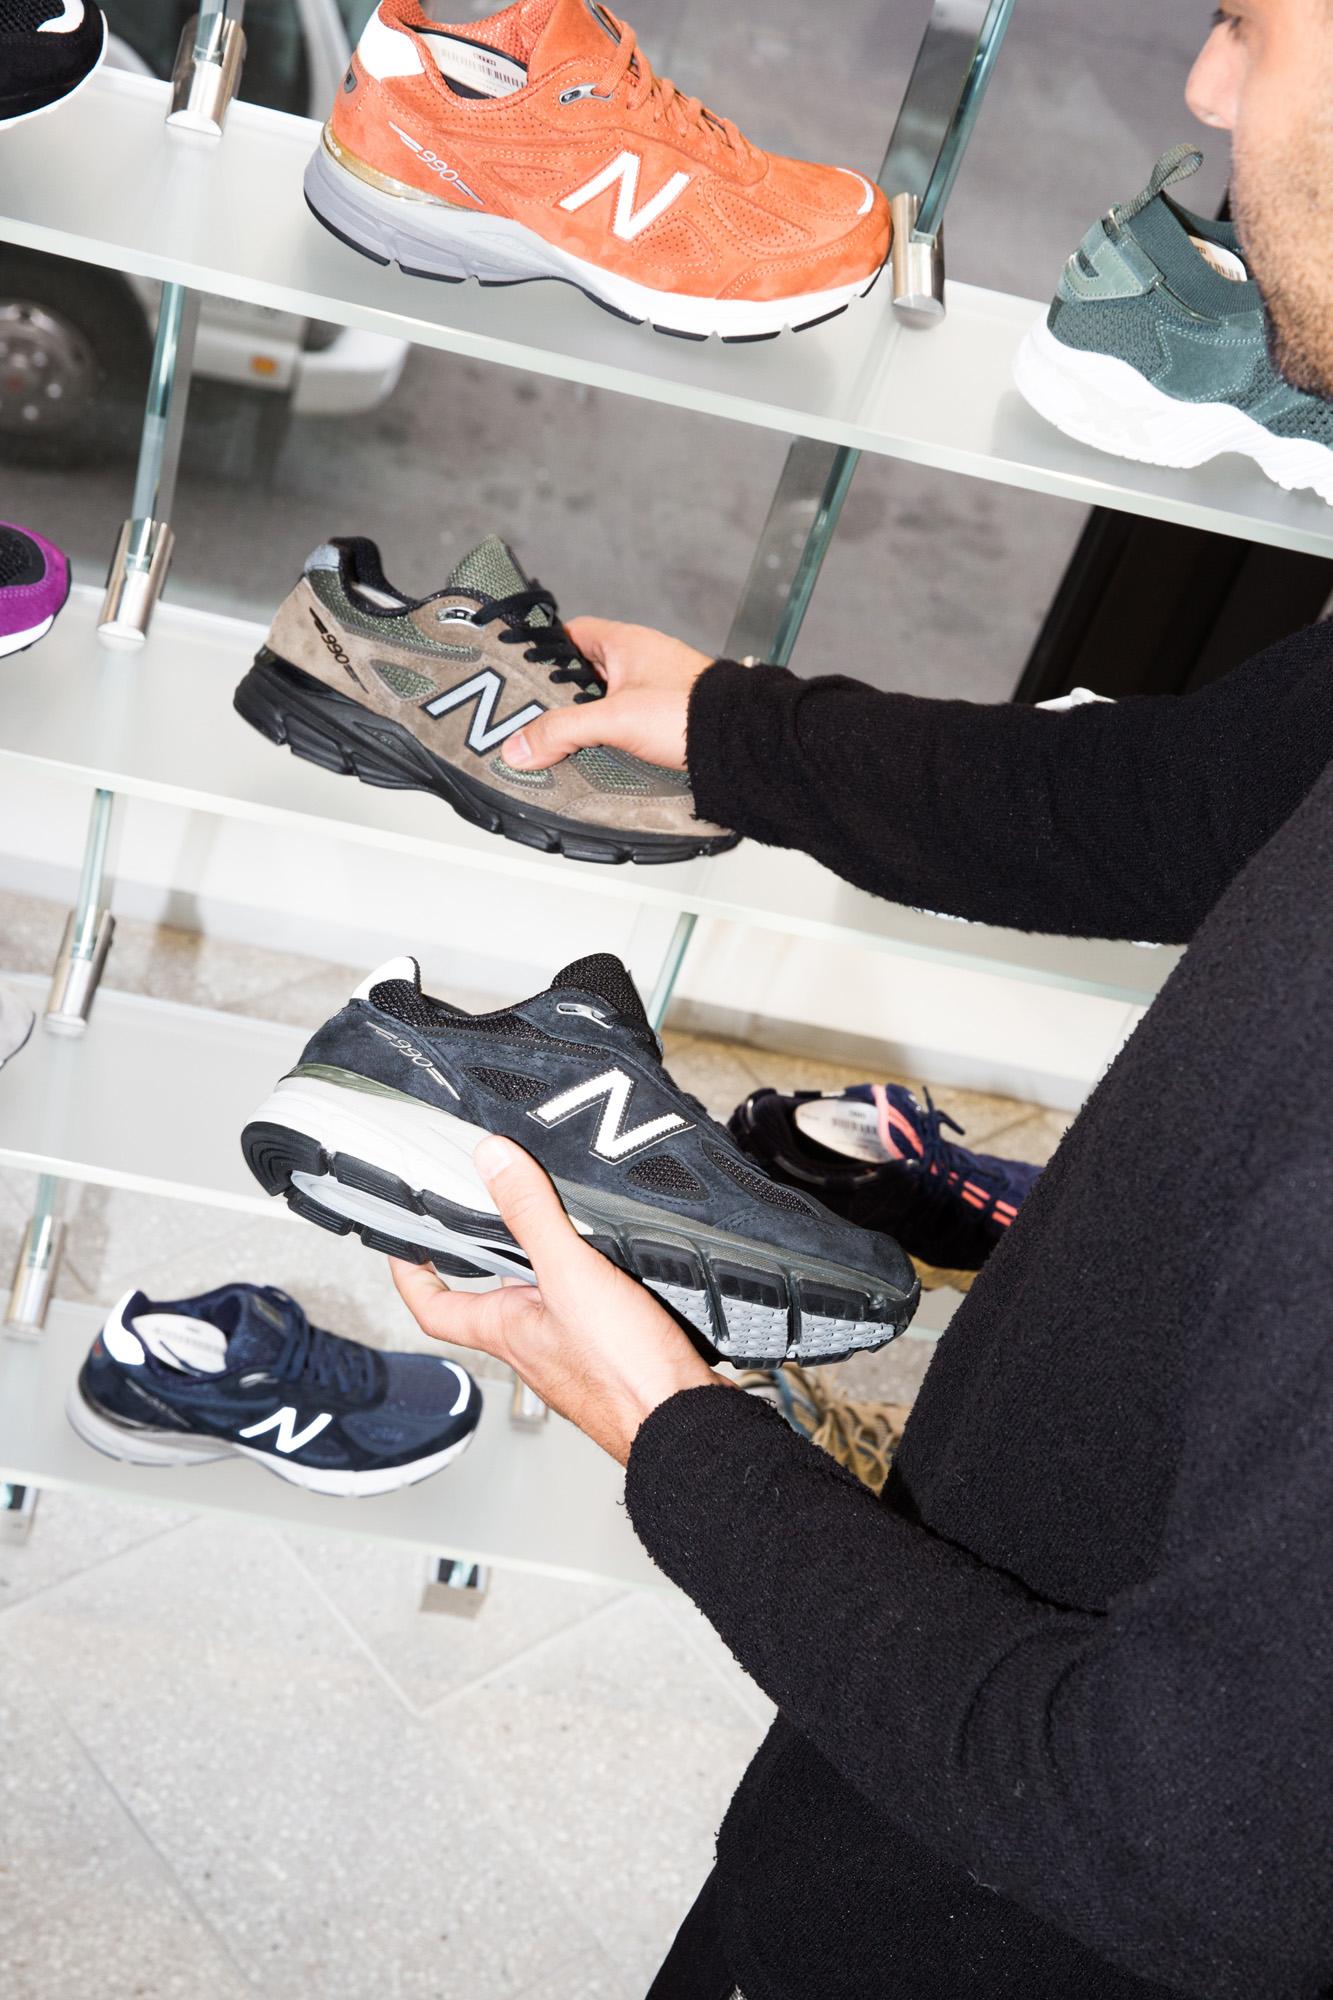 Joe La Puma on Retroed Sneakers